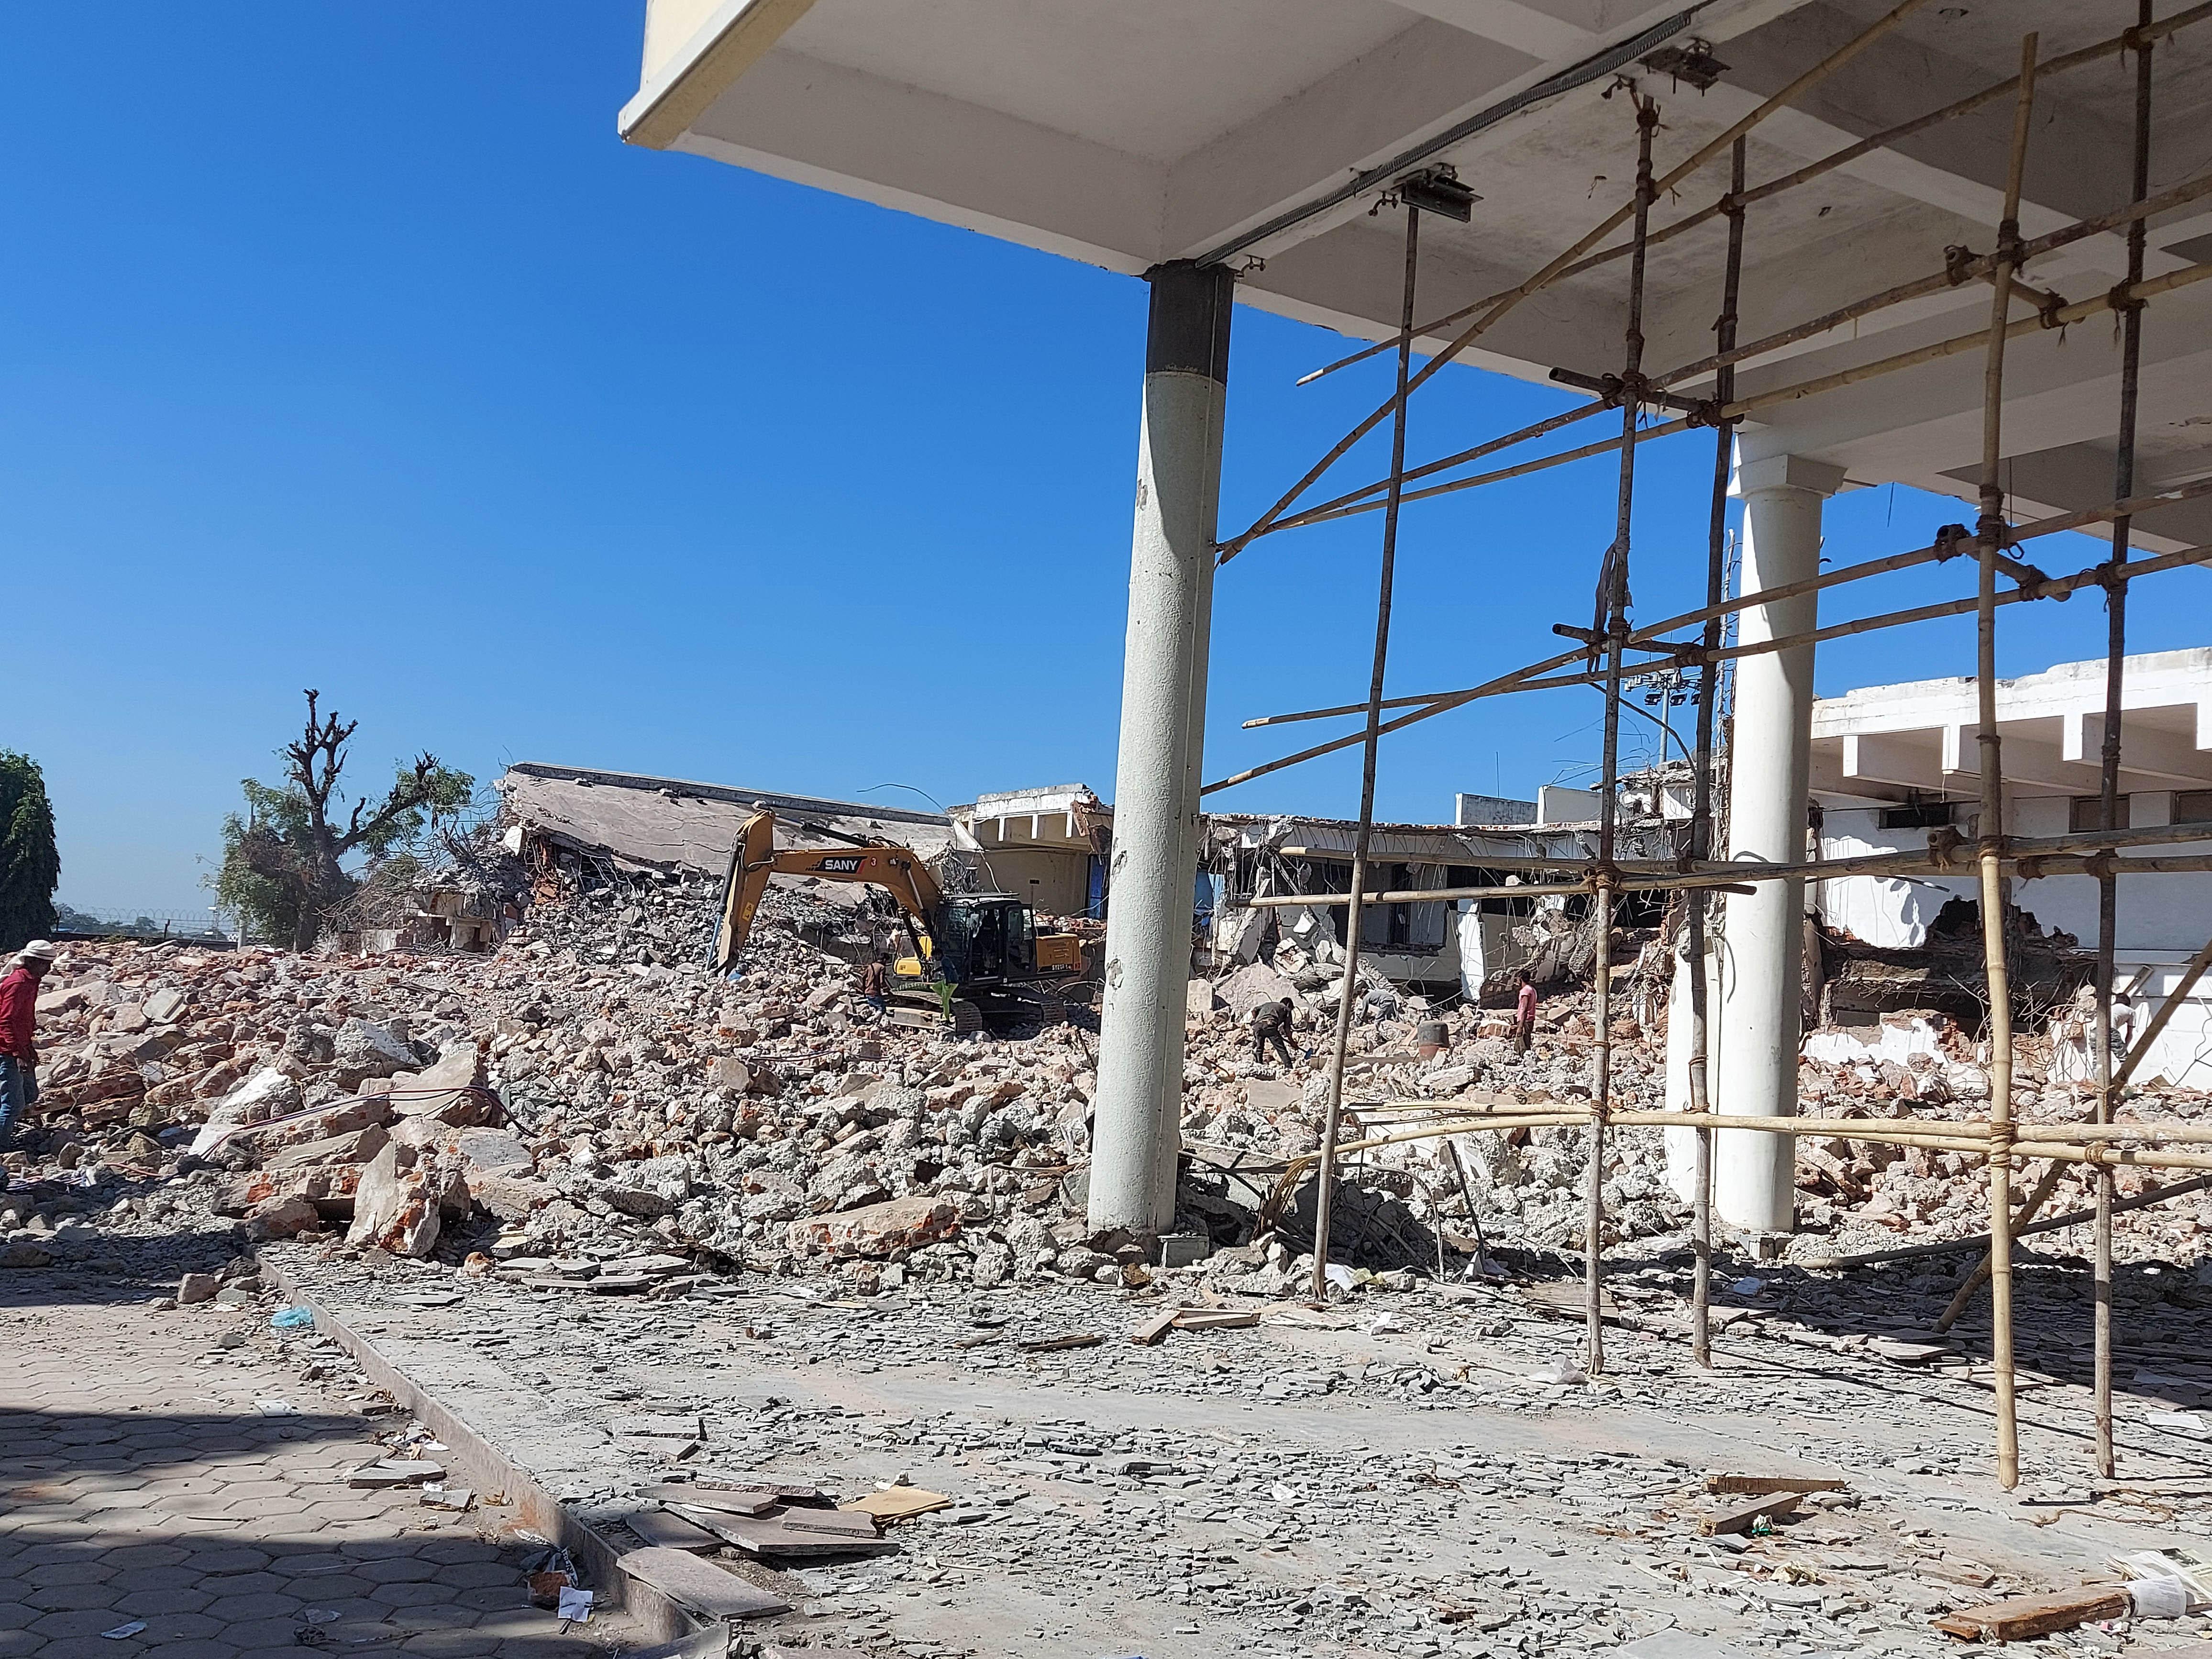 Bhopal News: राजा भोज एयरपोर्ट में पुराने टर्मिनल का आधा हिस्सा तोड़ा, एटीसी भवन नहीं टूटेगा